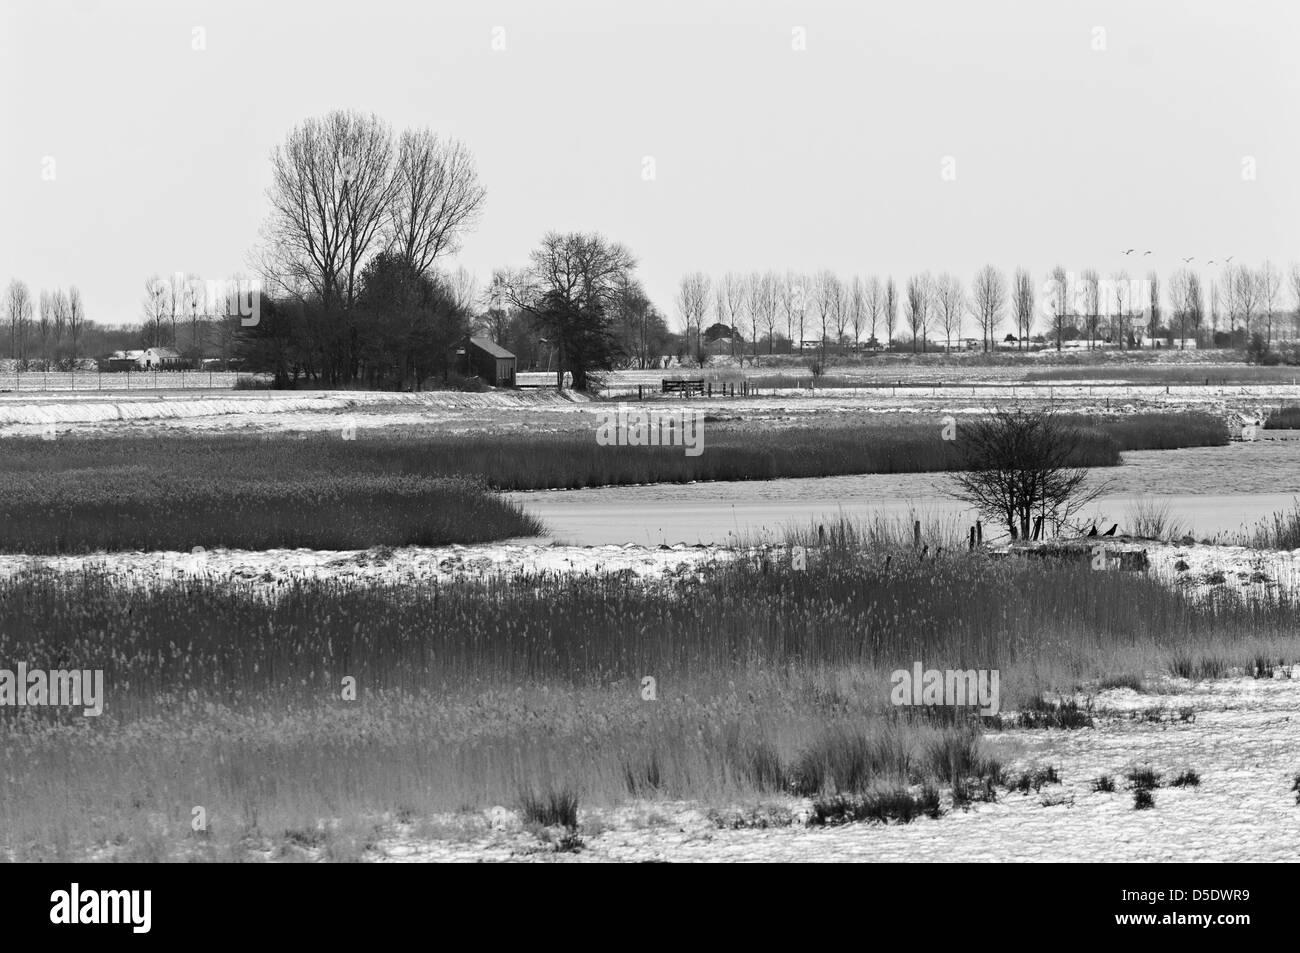 Paysage de neige près de 'De Weel'. Wolphaartsdijk, Zélande, Pays-Bas. B/W. Photo Stock